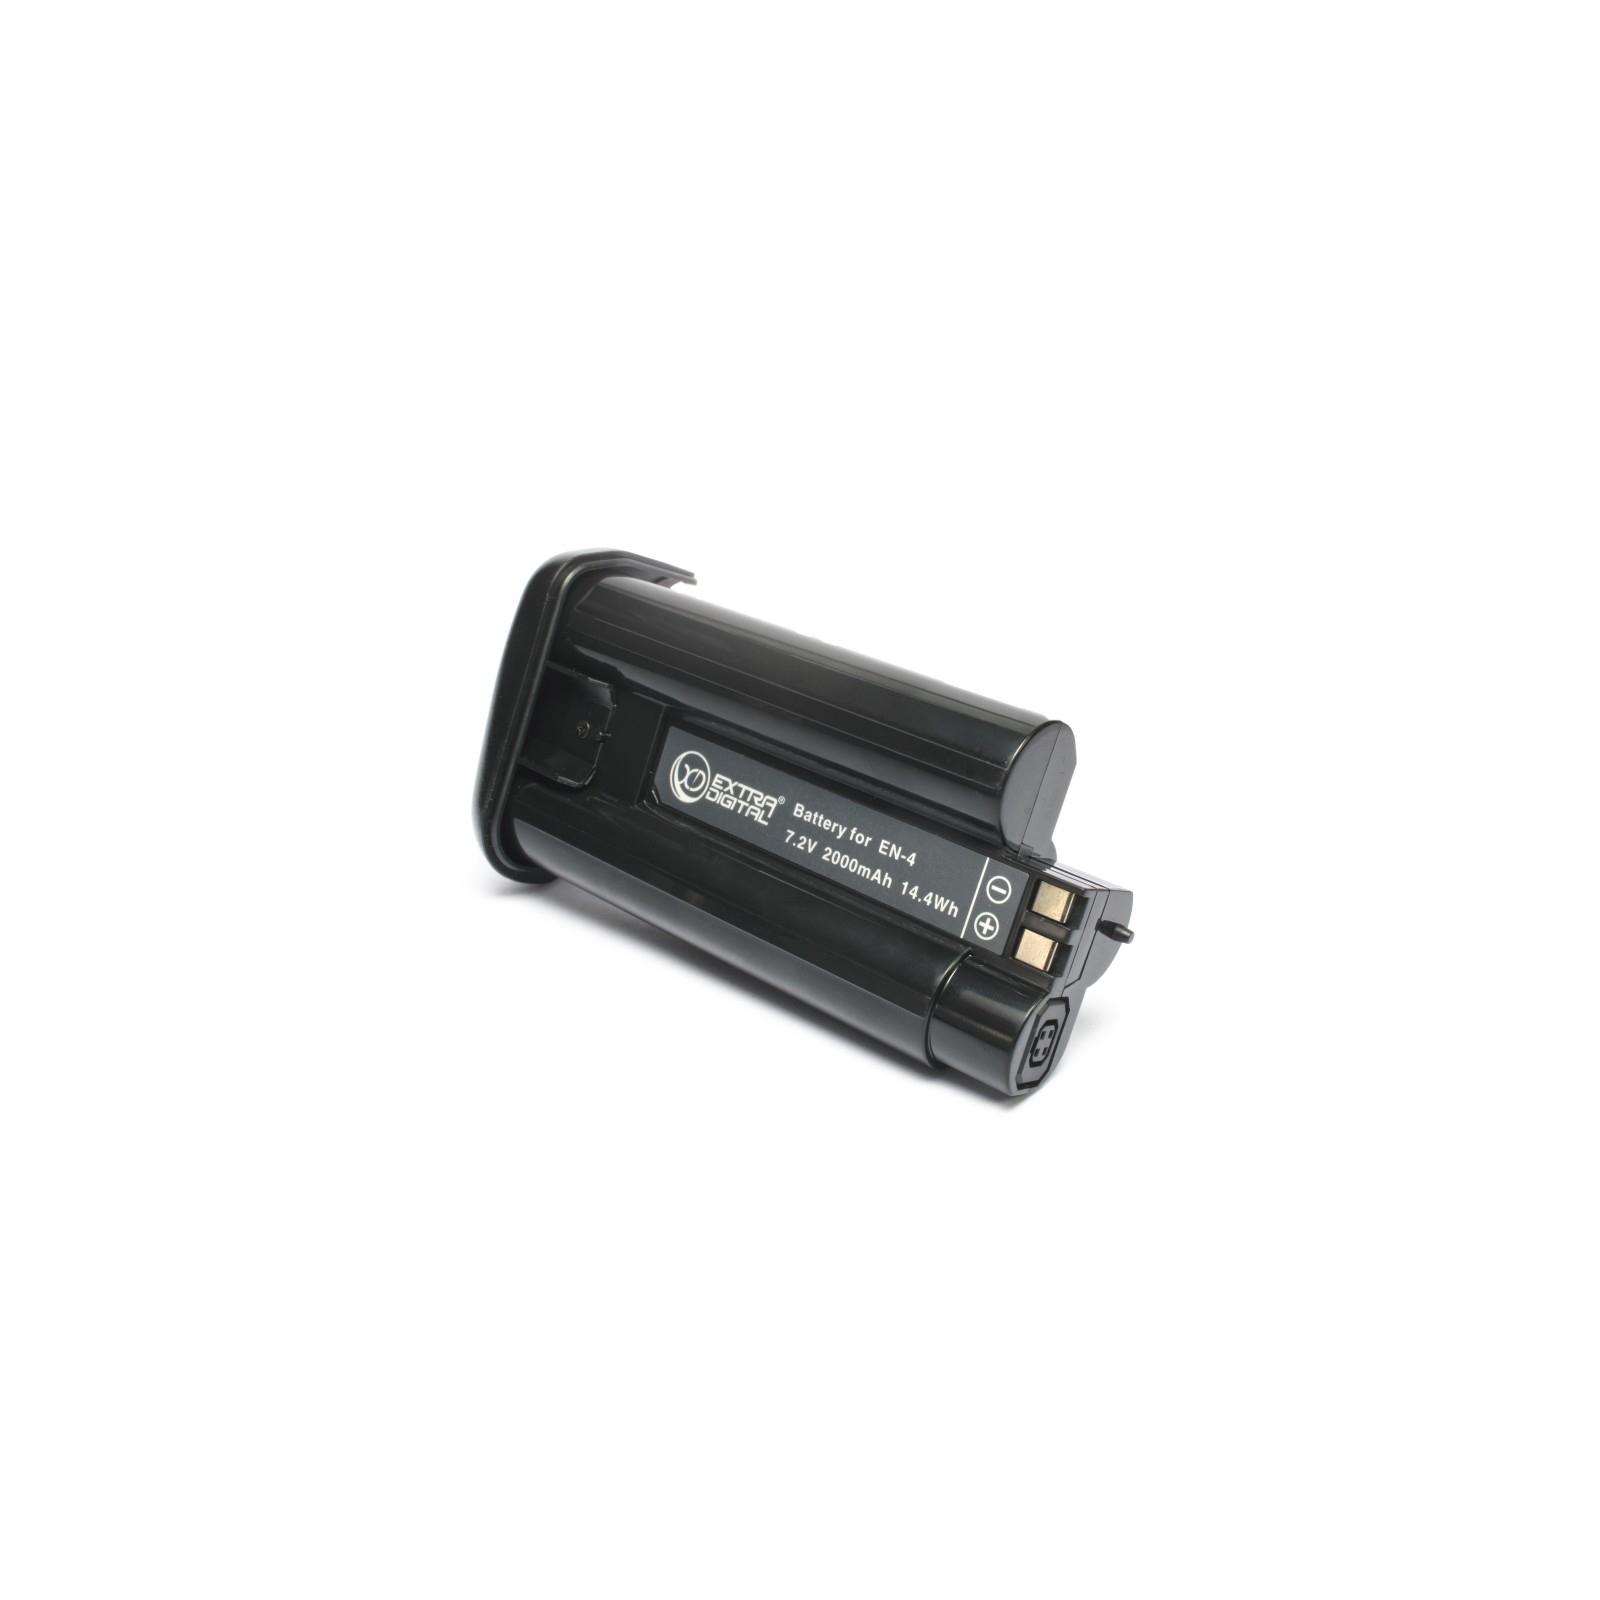 Аккумулятор к фото/видео EXTRADIGITAL Nikon EN-4 (chip) (BDN1307) изображение 2